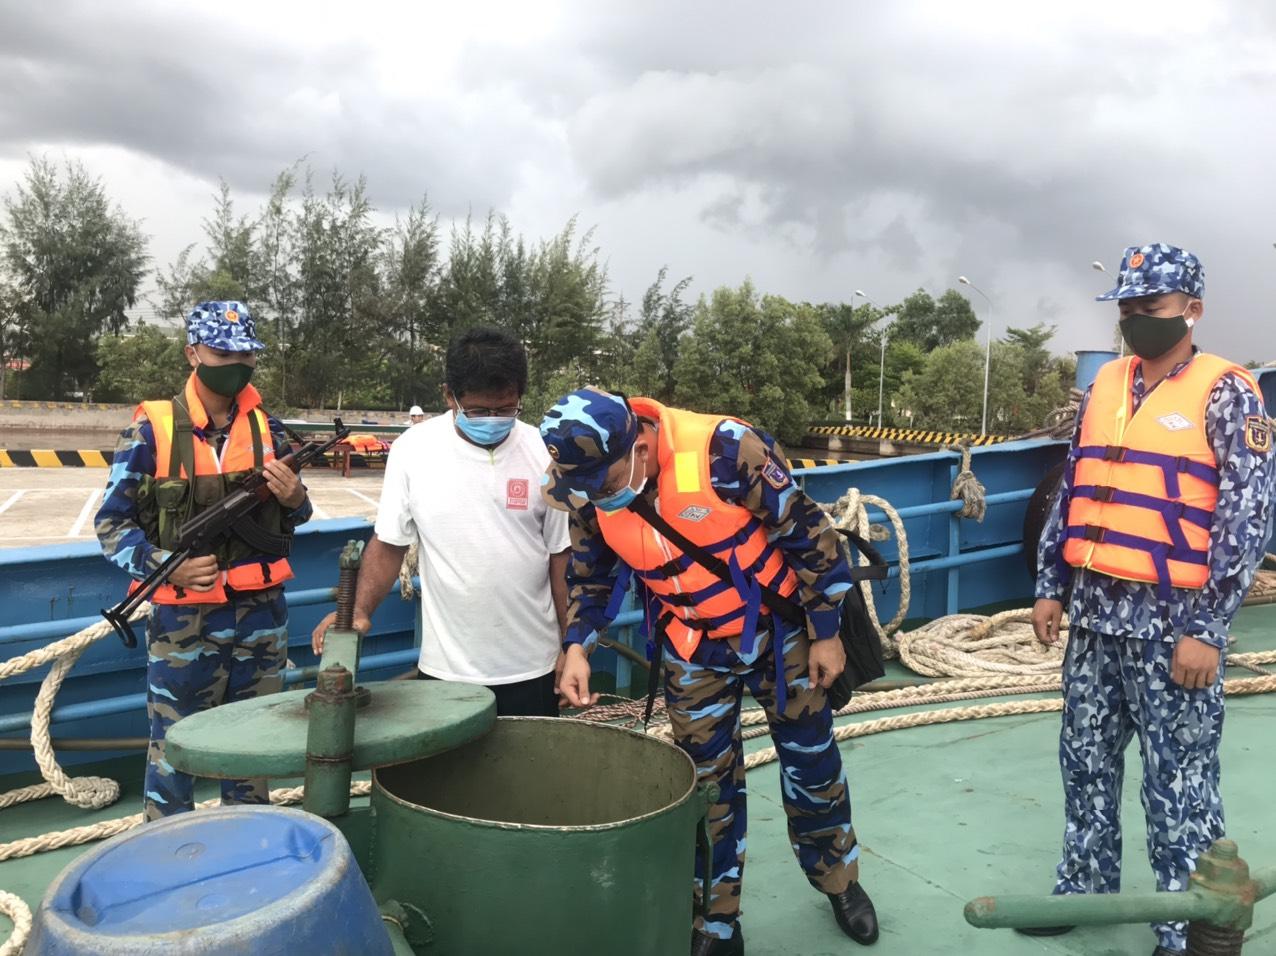 Cảnh sát biển tạm giữ tàu nước ngoài chở khoảng 150.000 lít dầu D.O không rõ nguồn gốc